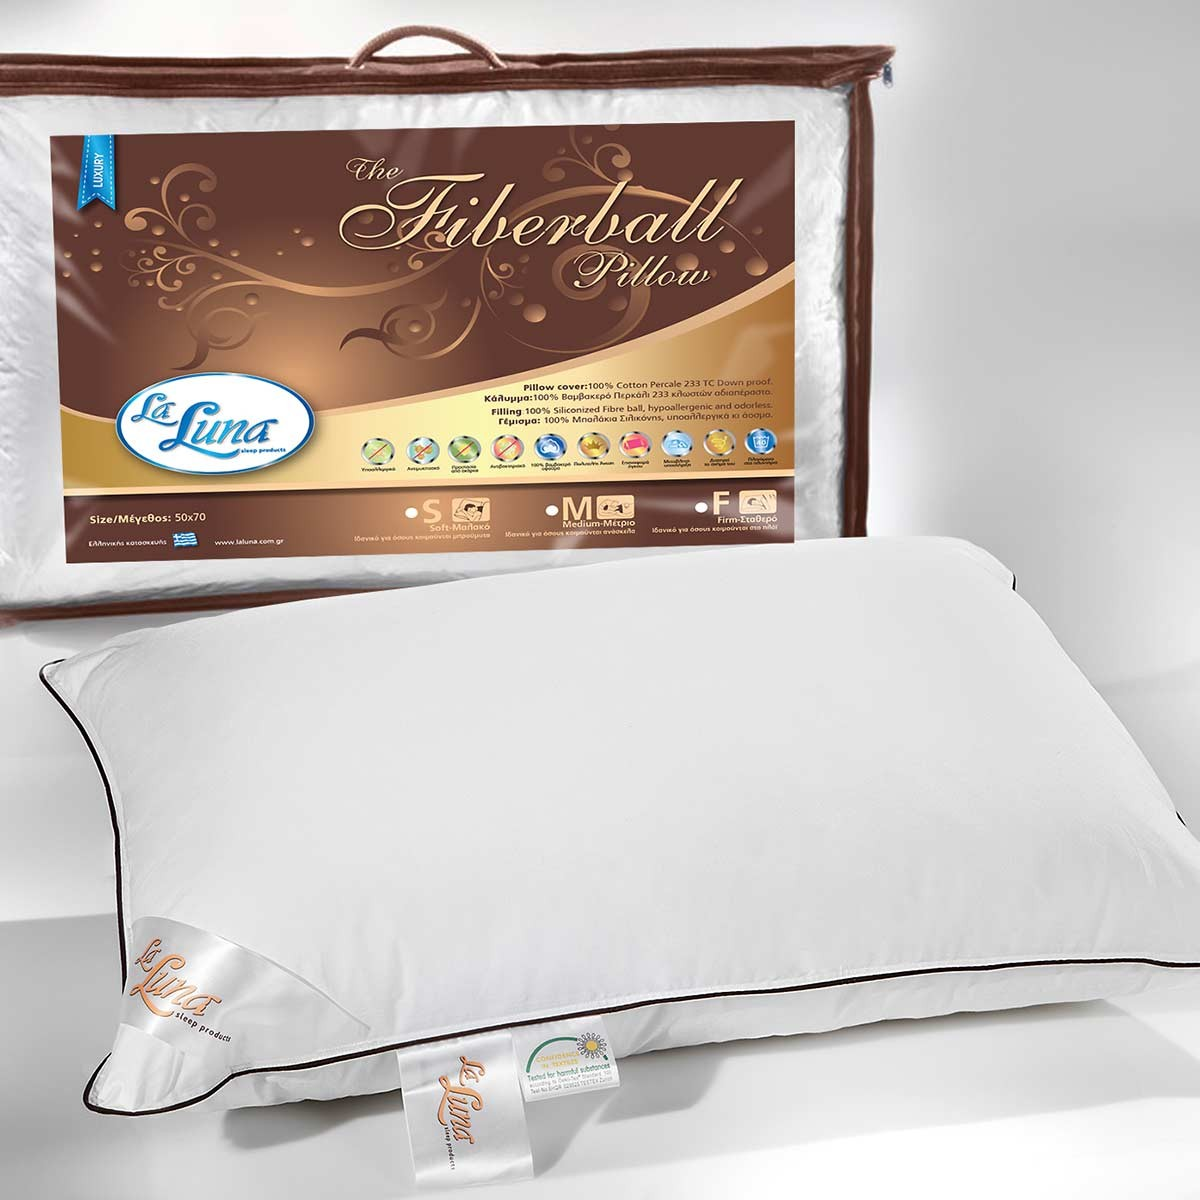 Μαξιλάρι Ύπνου La Luna Fiberball Firm home   κρεβατοκάμαρα   μαξιλάρια   μαξιλάρια ύπνου